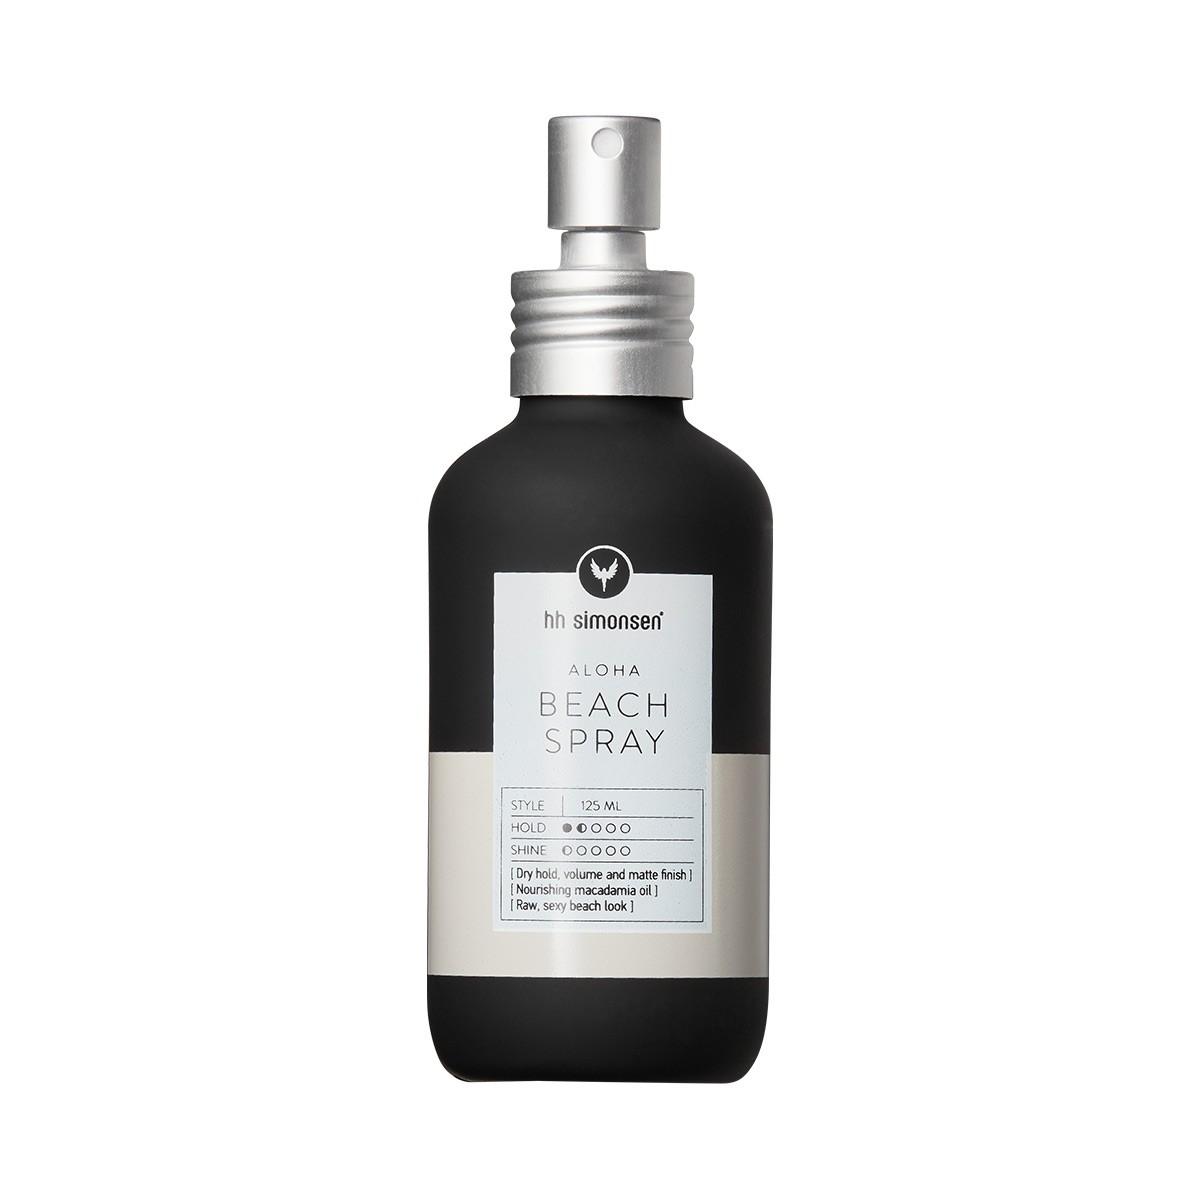 HH SIMONSEN Beachspray - Spray do włosów nadający efekt Beach Waves 125ml